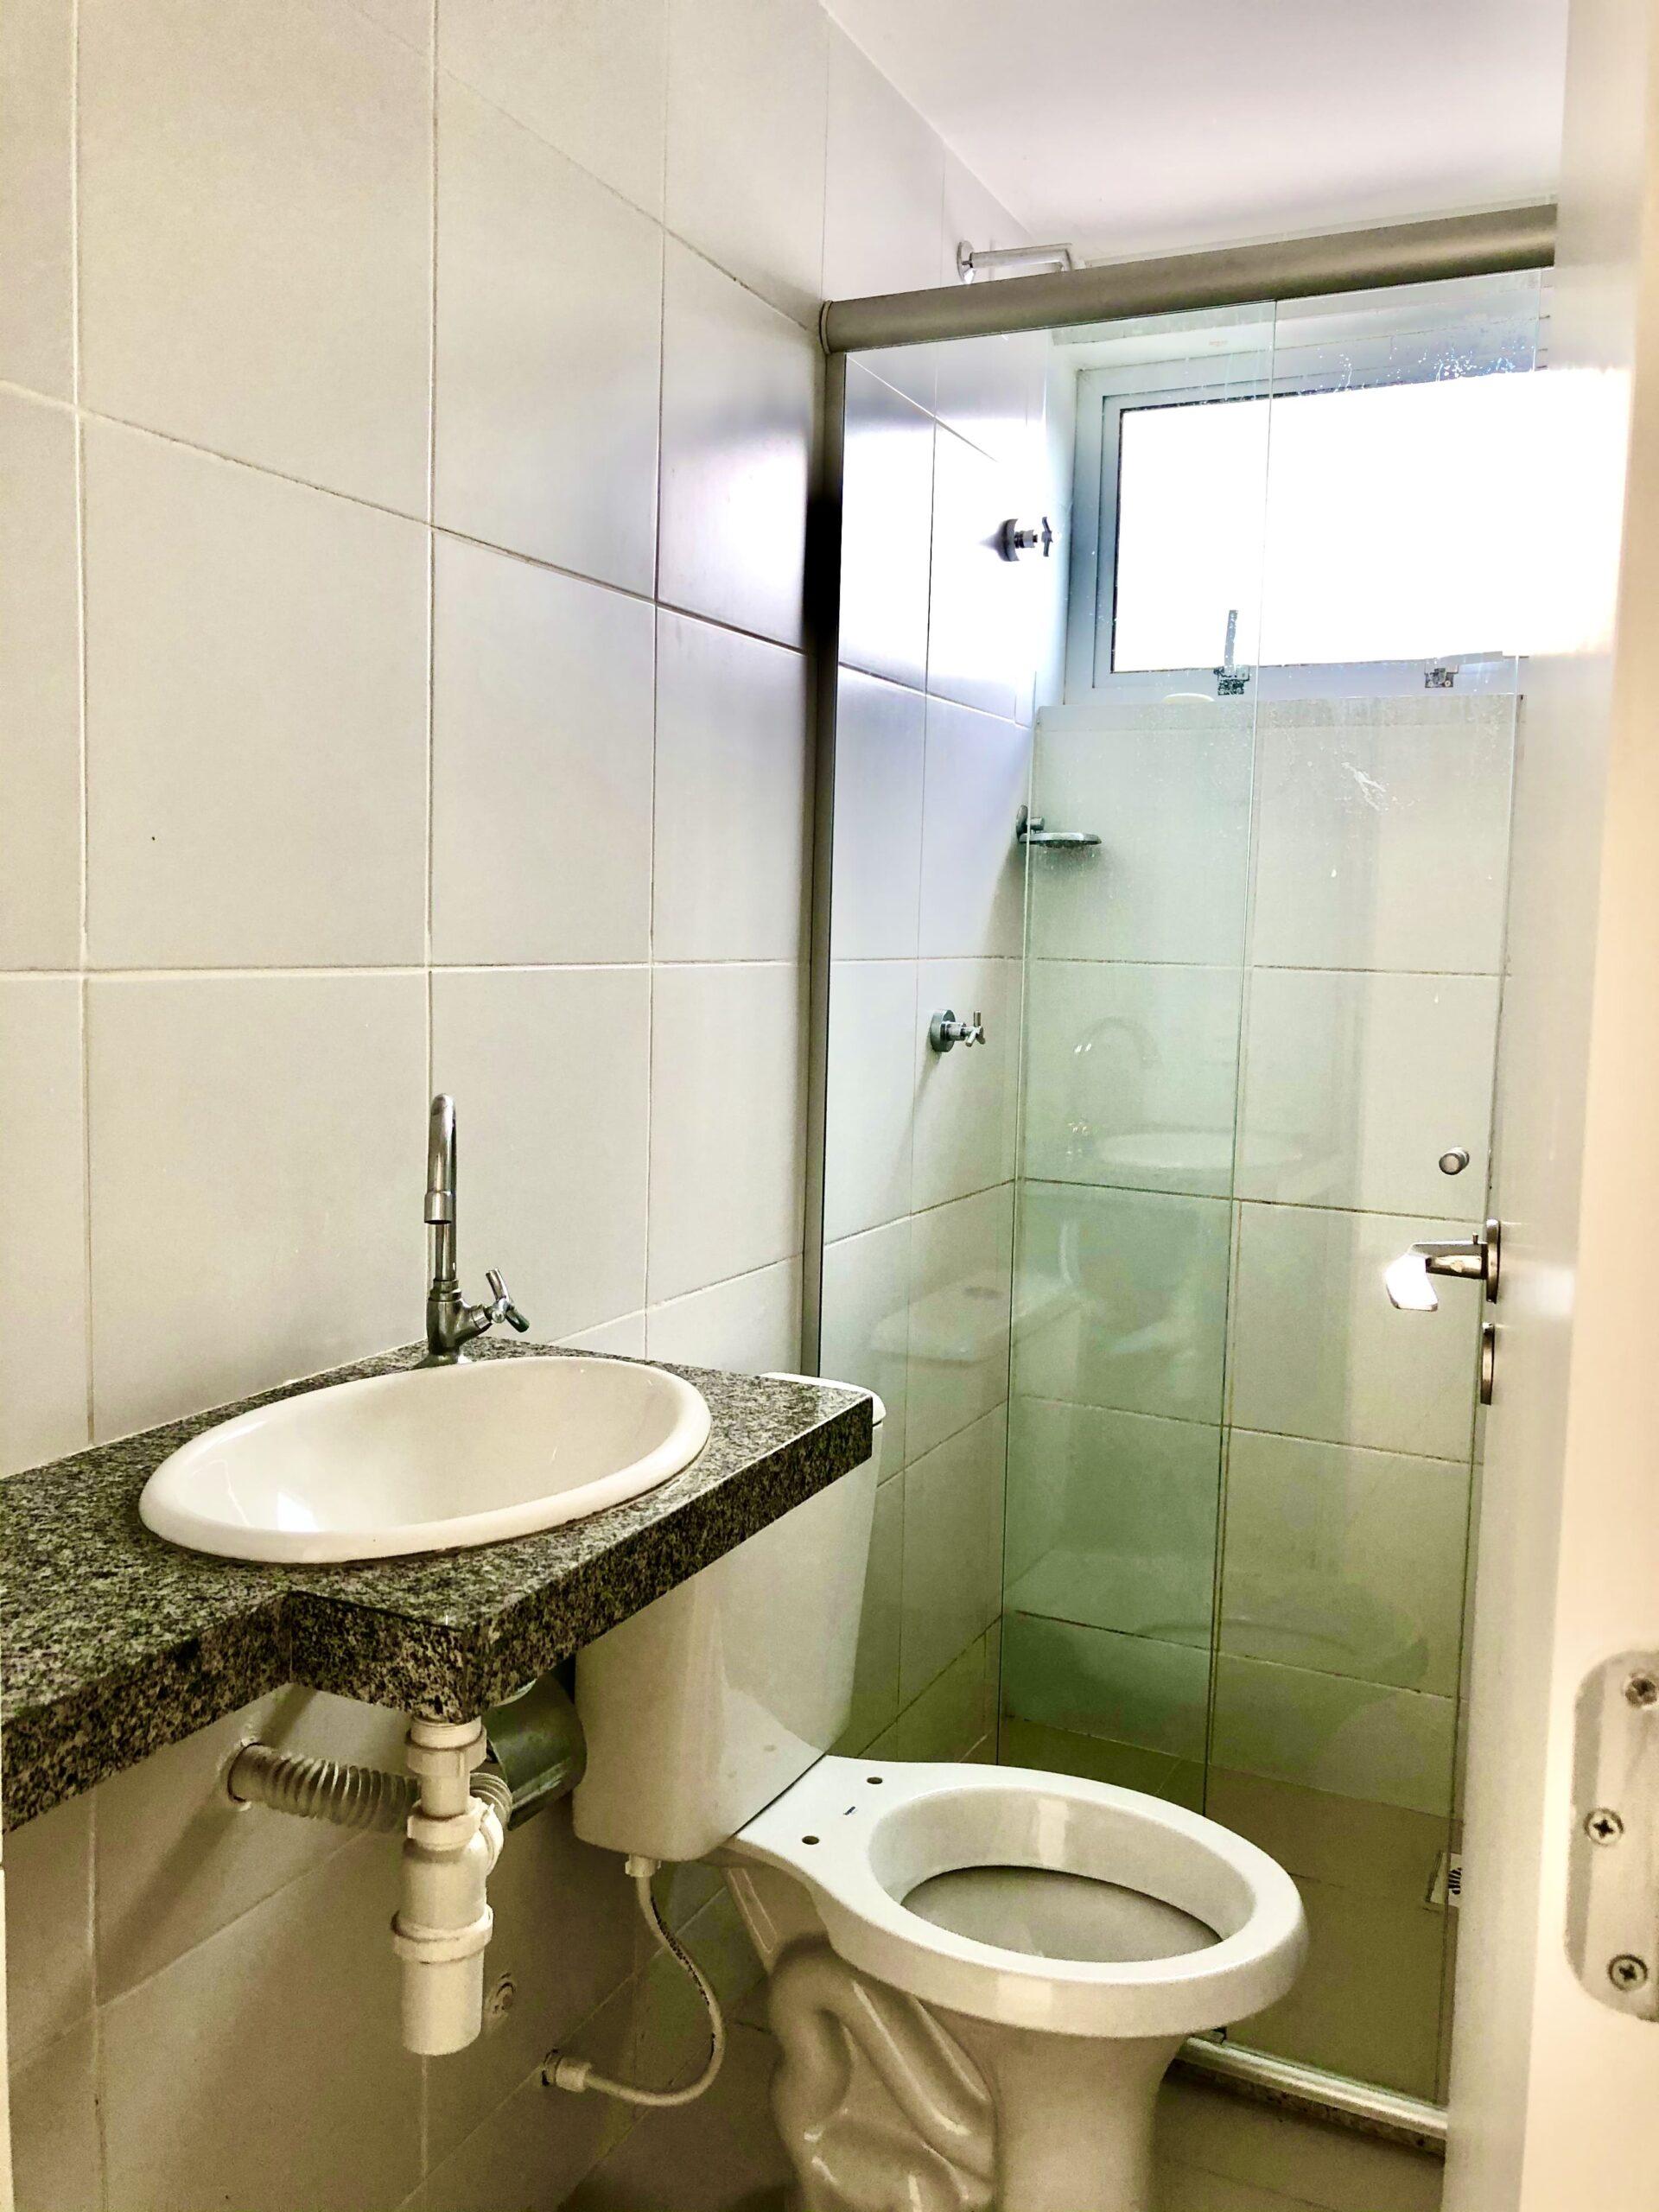 8 Apartamento para venda no Edifício Recanto das Palmeiras Teresina,3 Quartos, sendo 1 suíte, banheiro social, 1 vaga, piso em porcelanato